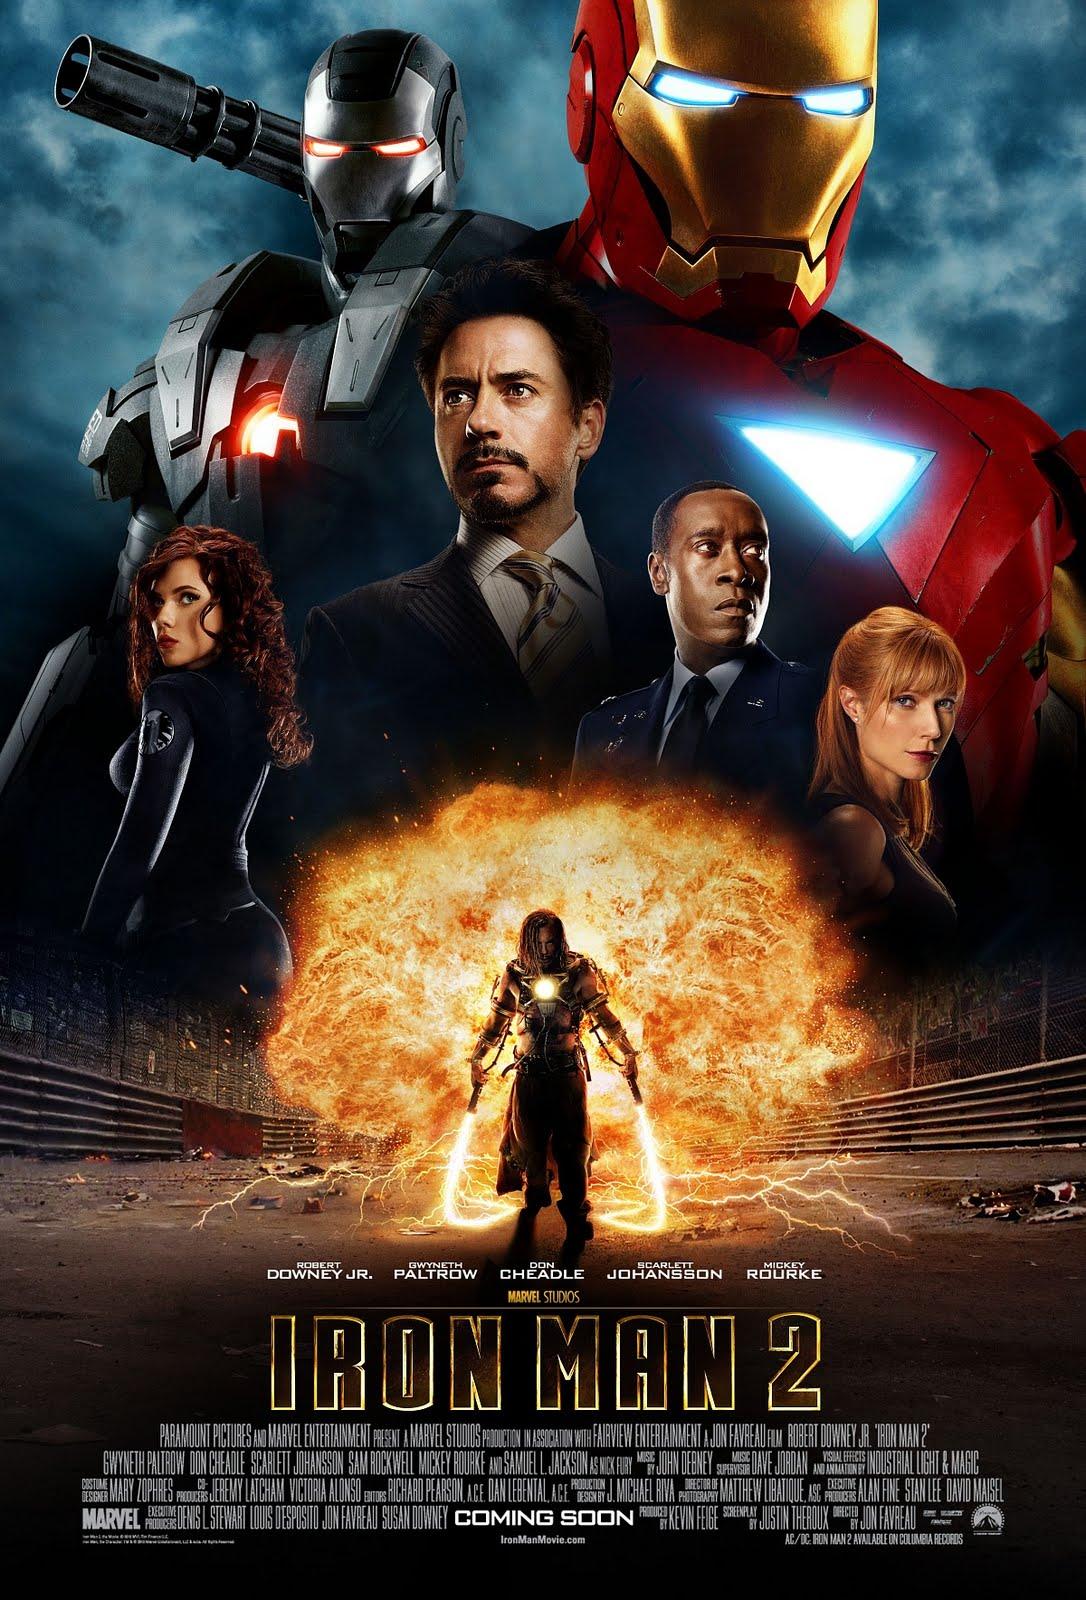 http://3.bp.blogspot.com/_nfOtaPkYYac/S7tWk6zW-NI/AAAAAAAAEsk/2m9bVRrHI_Q/s1600/scarlett-johansson-iron-man-2-poster-05.jpg